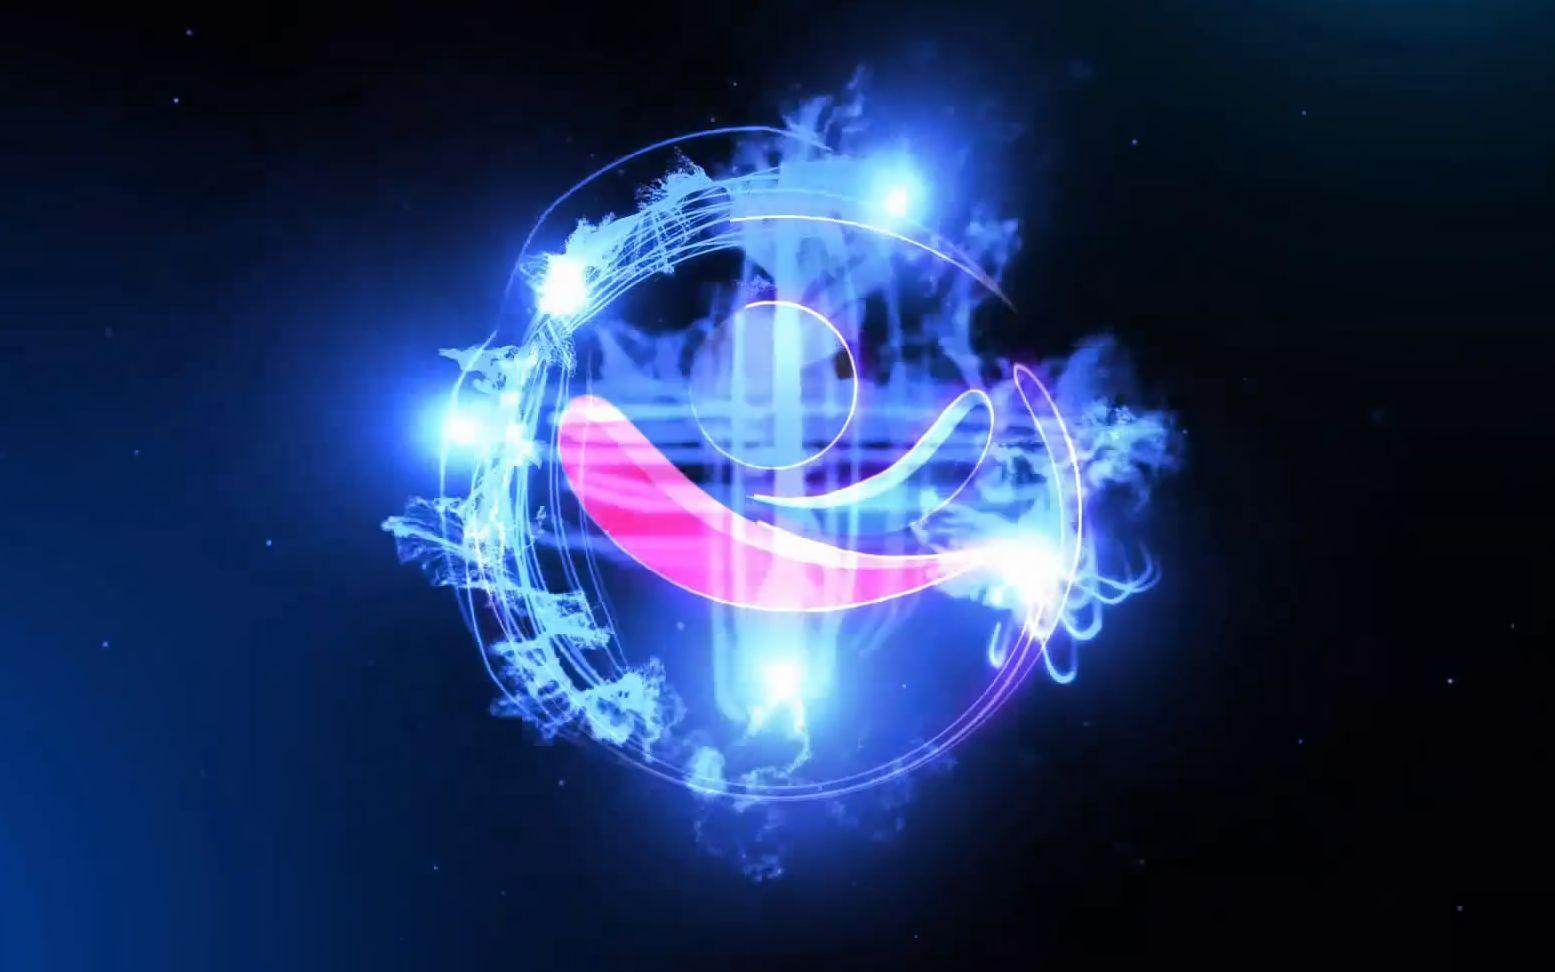 895梦幻蓝色光效粒子飞舞汇聚标志logo演绎片头ae模板